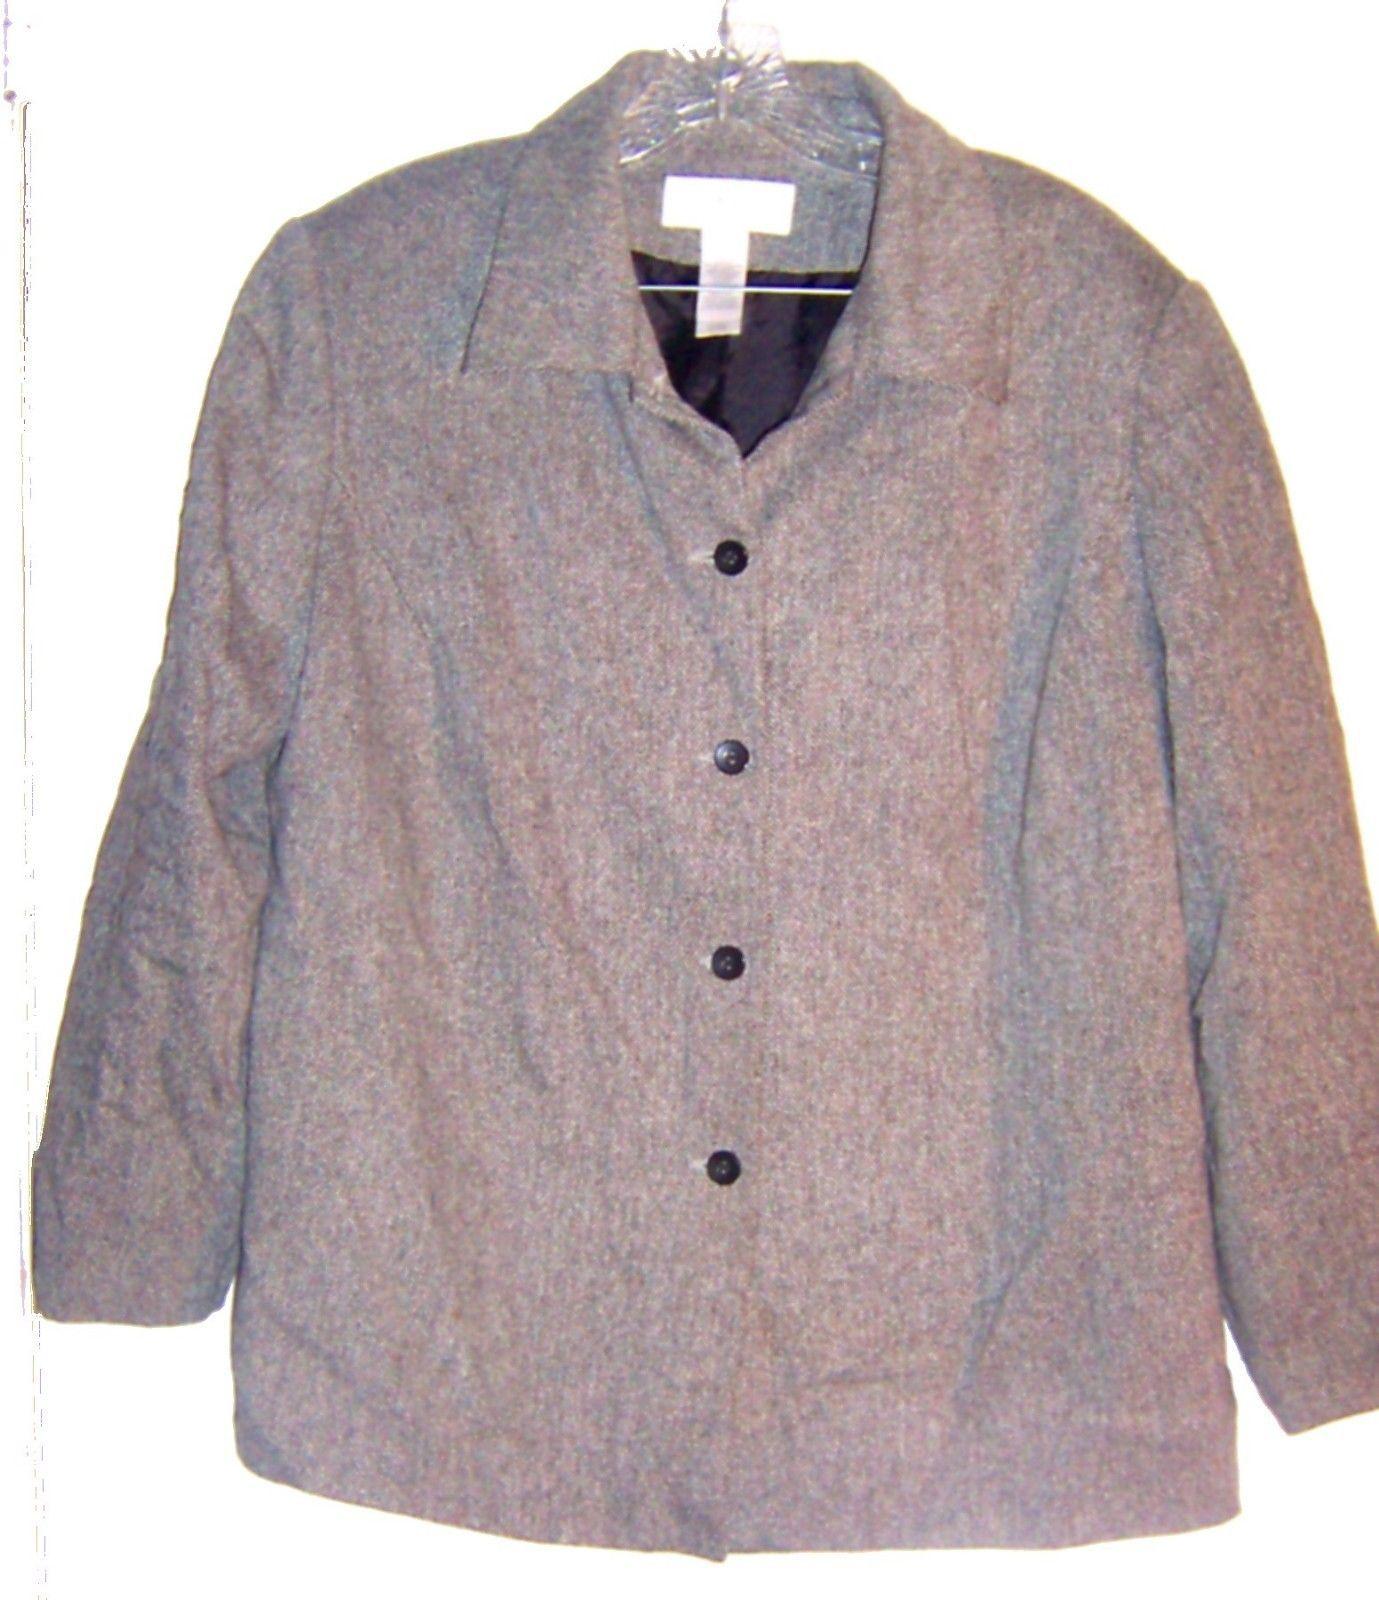 Liz Claiborne Black & White Herringbone Print Wool Blazer Jacket Size 16W  - $47.49